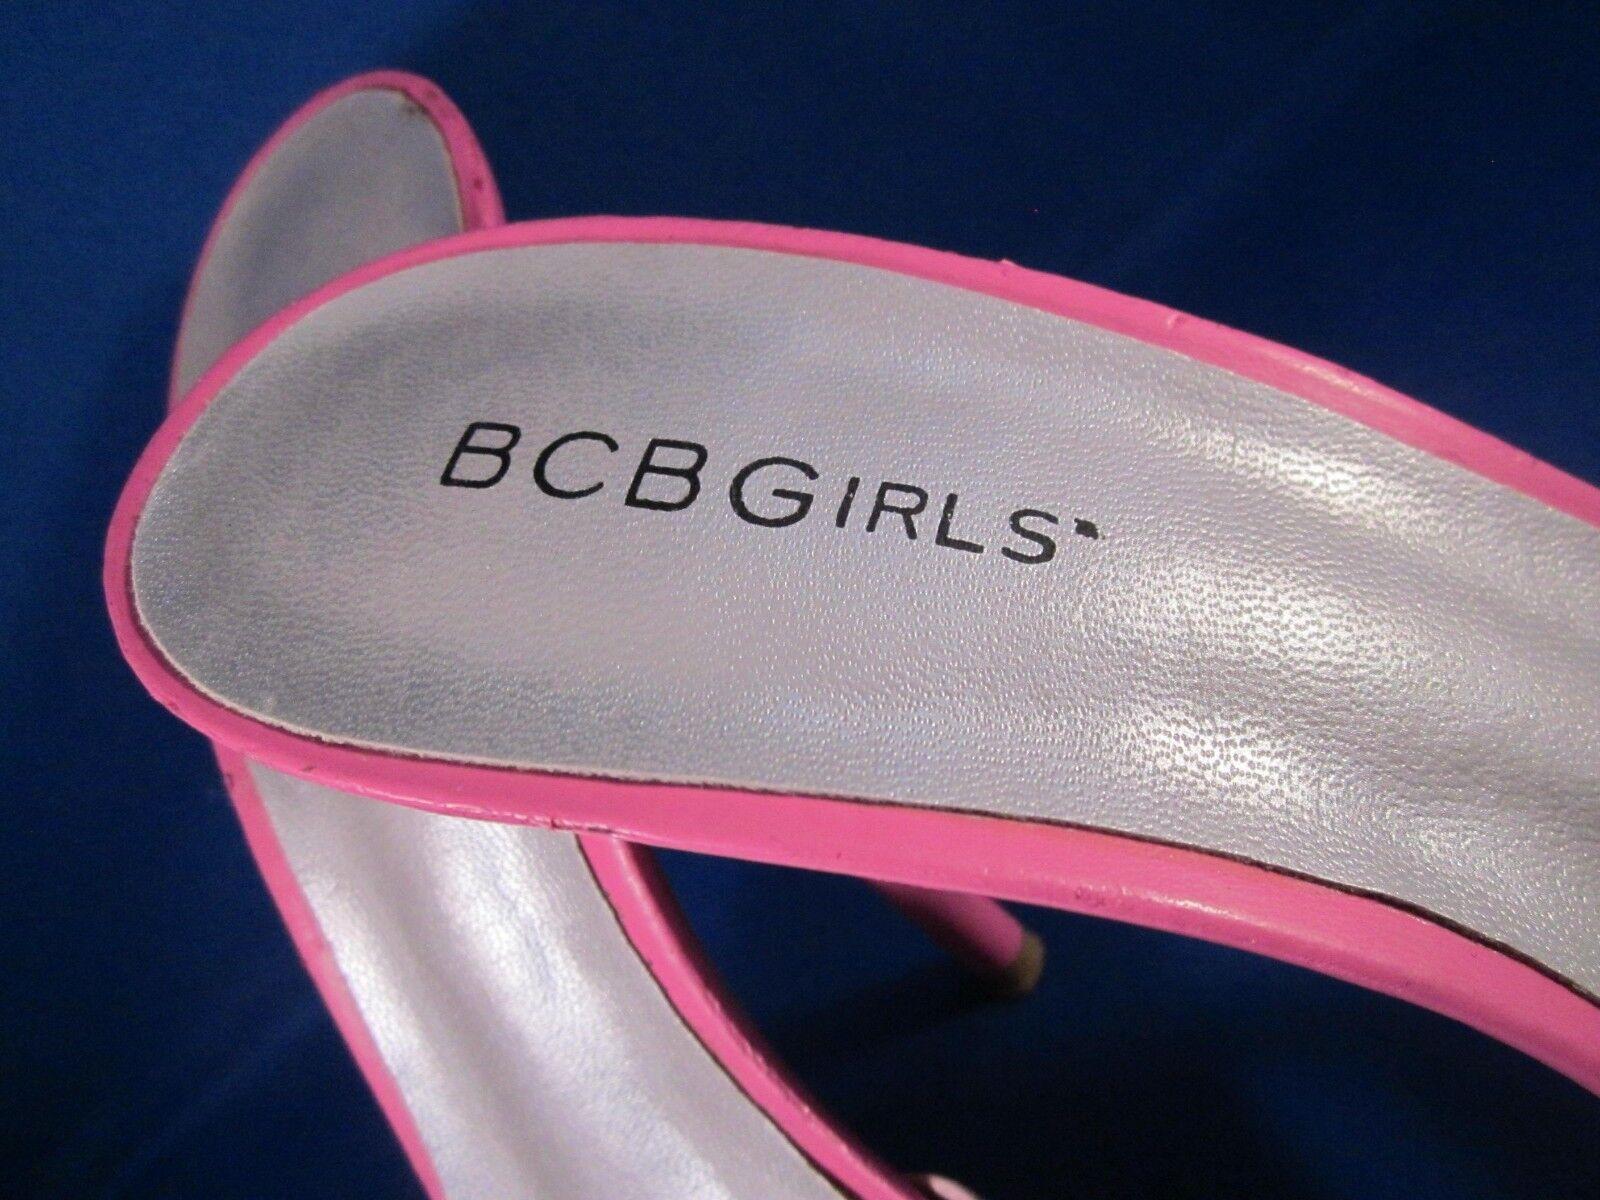 BCBGirls  Summer Slip-on Slip-on Slip-on schuhe Rosa Lilac off Weiß Strappy Pump Größe 8M L@@K 9b0948